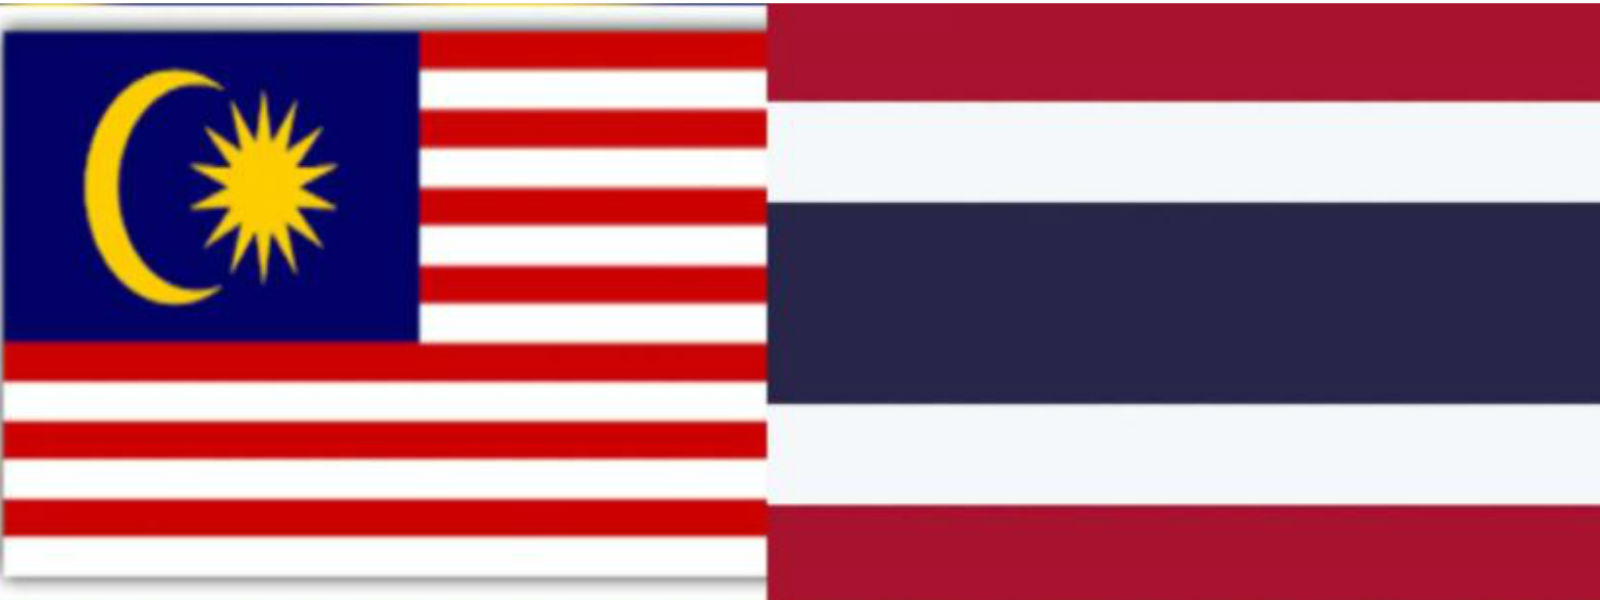 நாட்டின் ஏற்றுமதி வர்த்தகத்திற்கு மலேசியா, தாய்லாந்து ஆதரவு